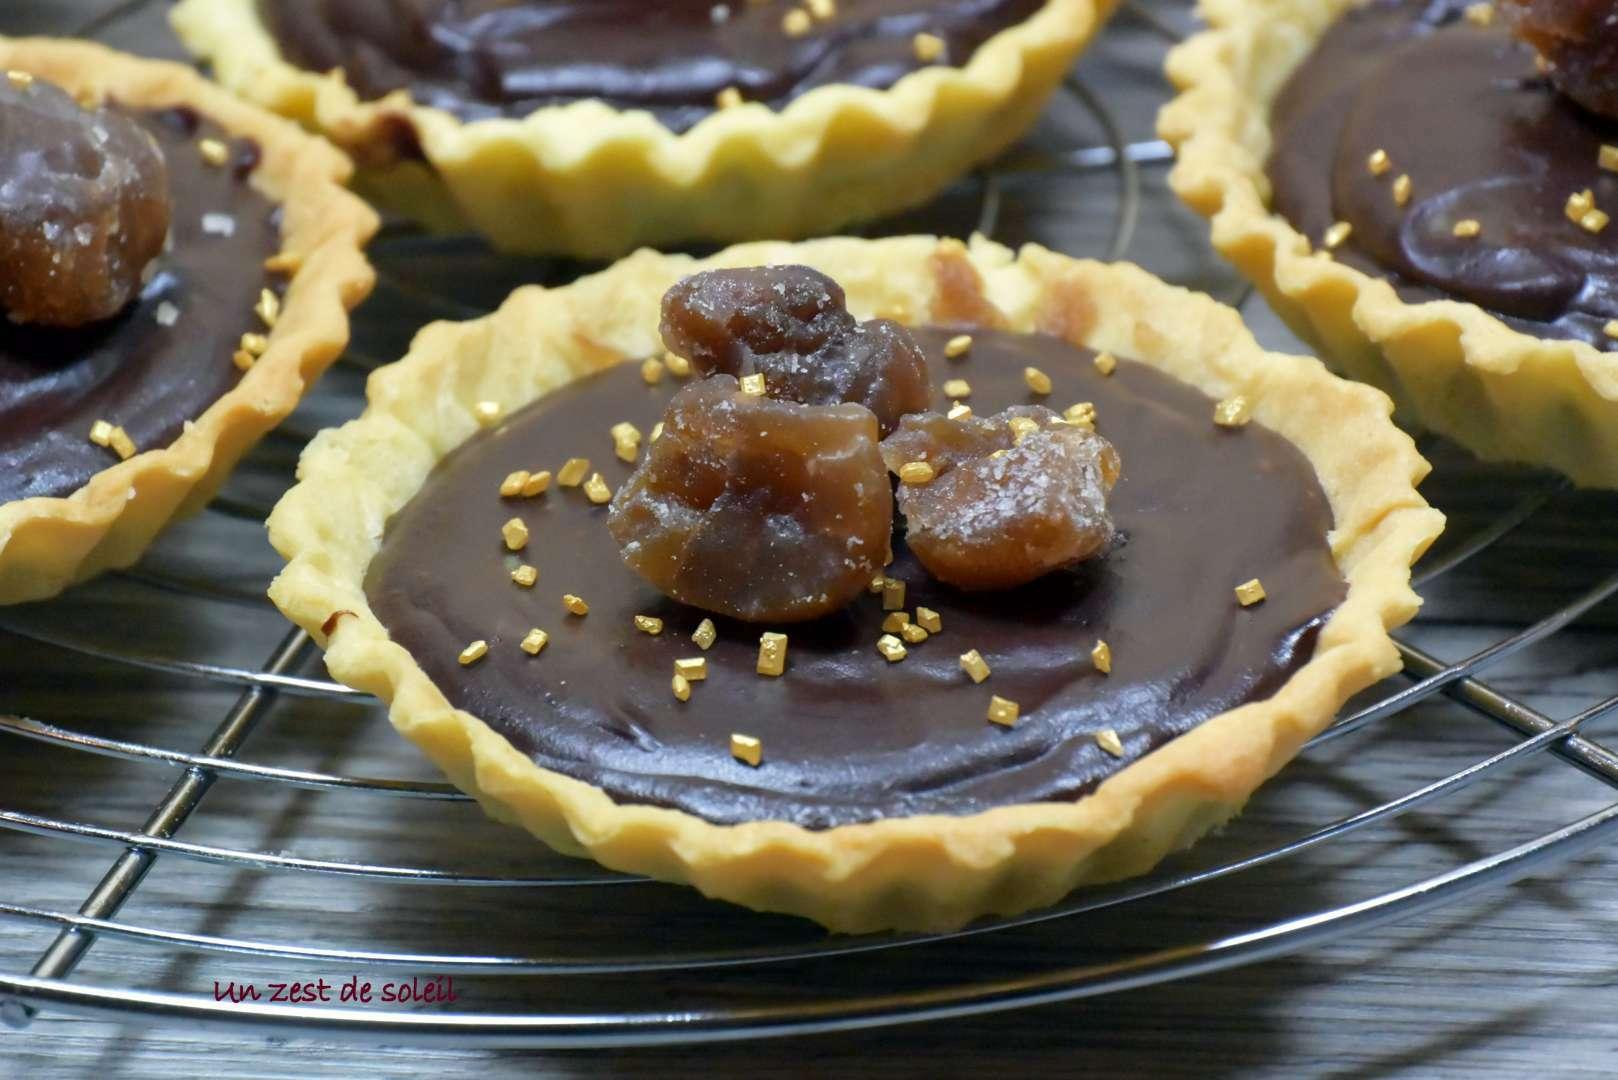 Tartelette la cr me de marron et chocolat recette ptitchef - Dessert a la creme de marron ...